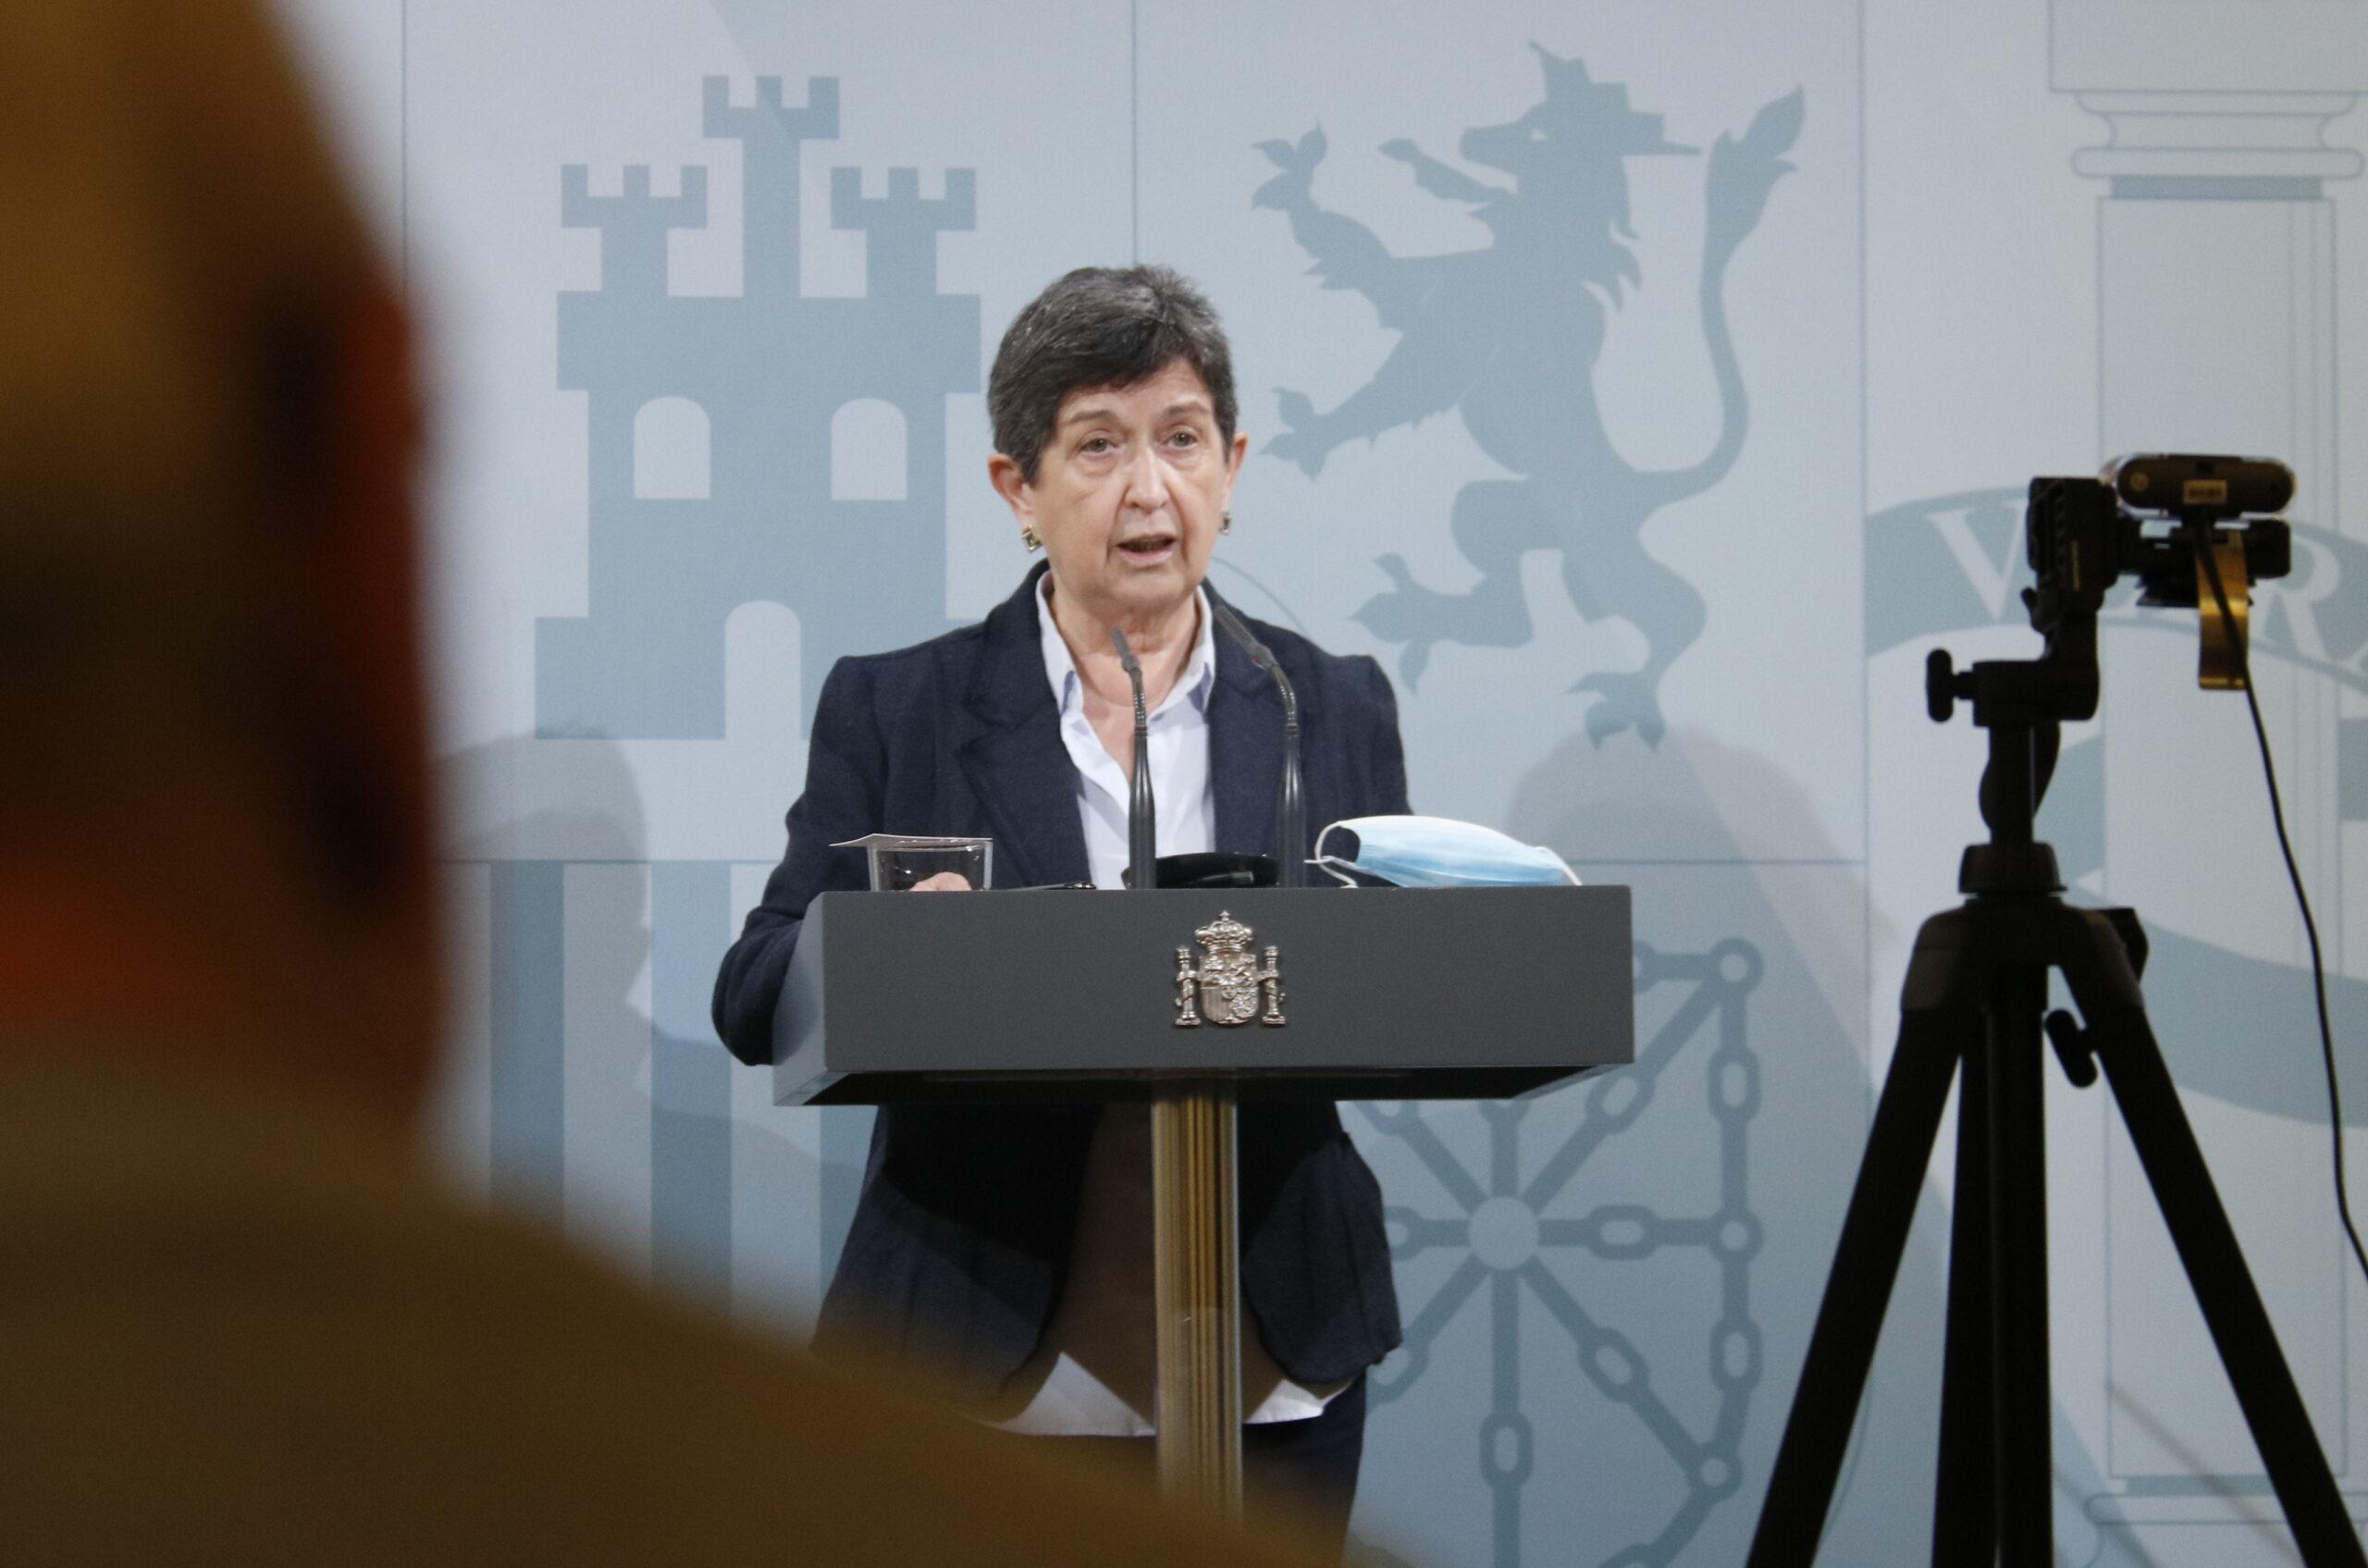 La delegada del govern espanyol a Catalunya, Teresa Cunillera | ACN